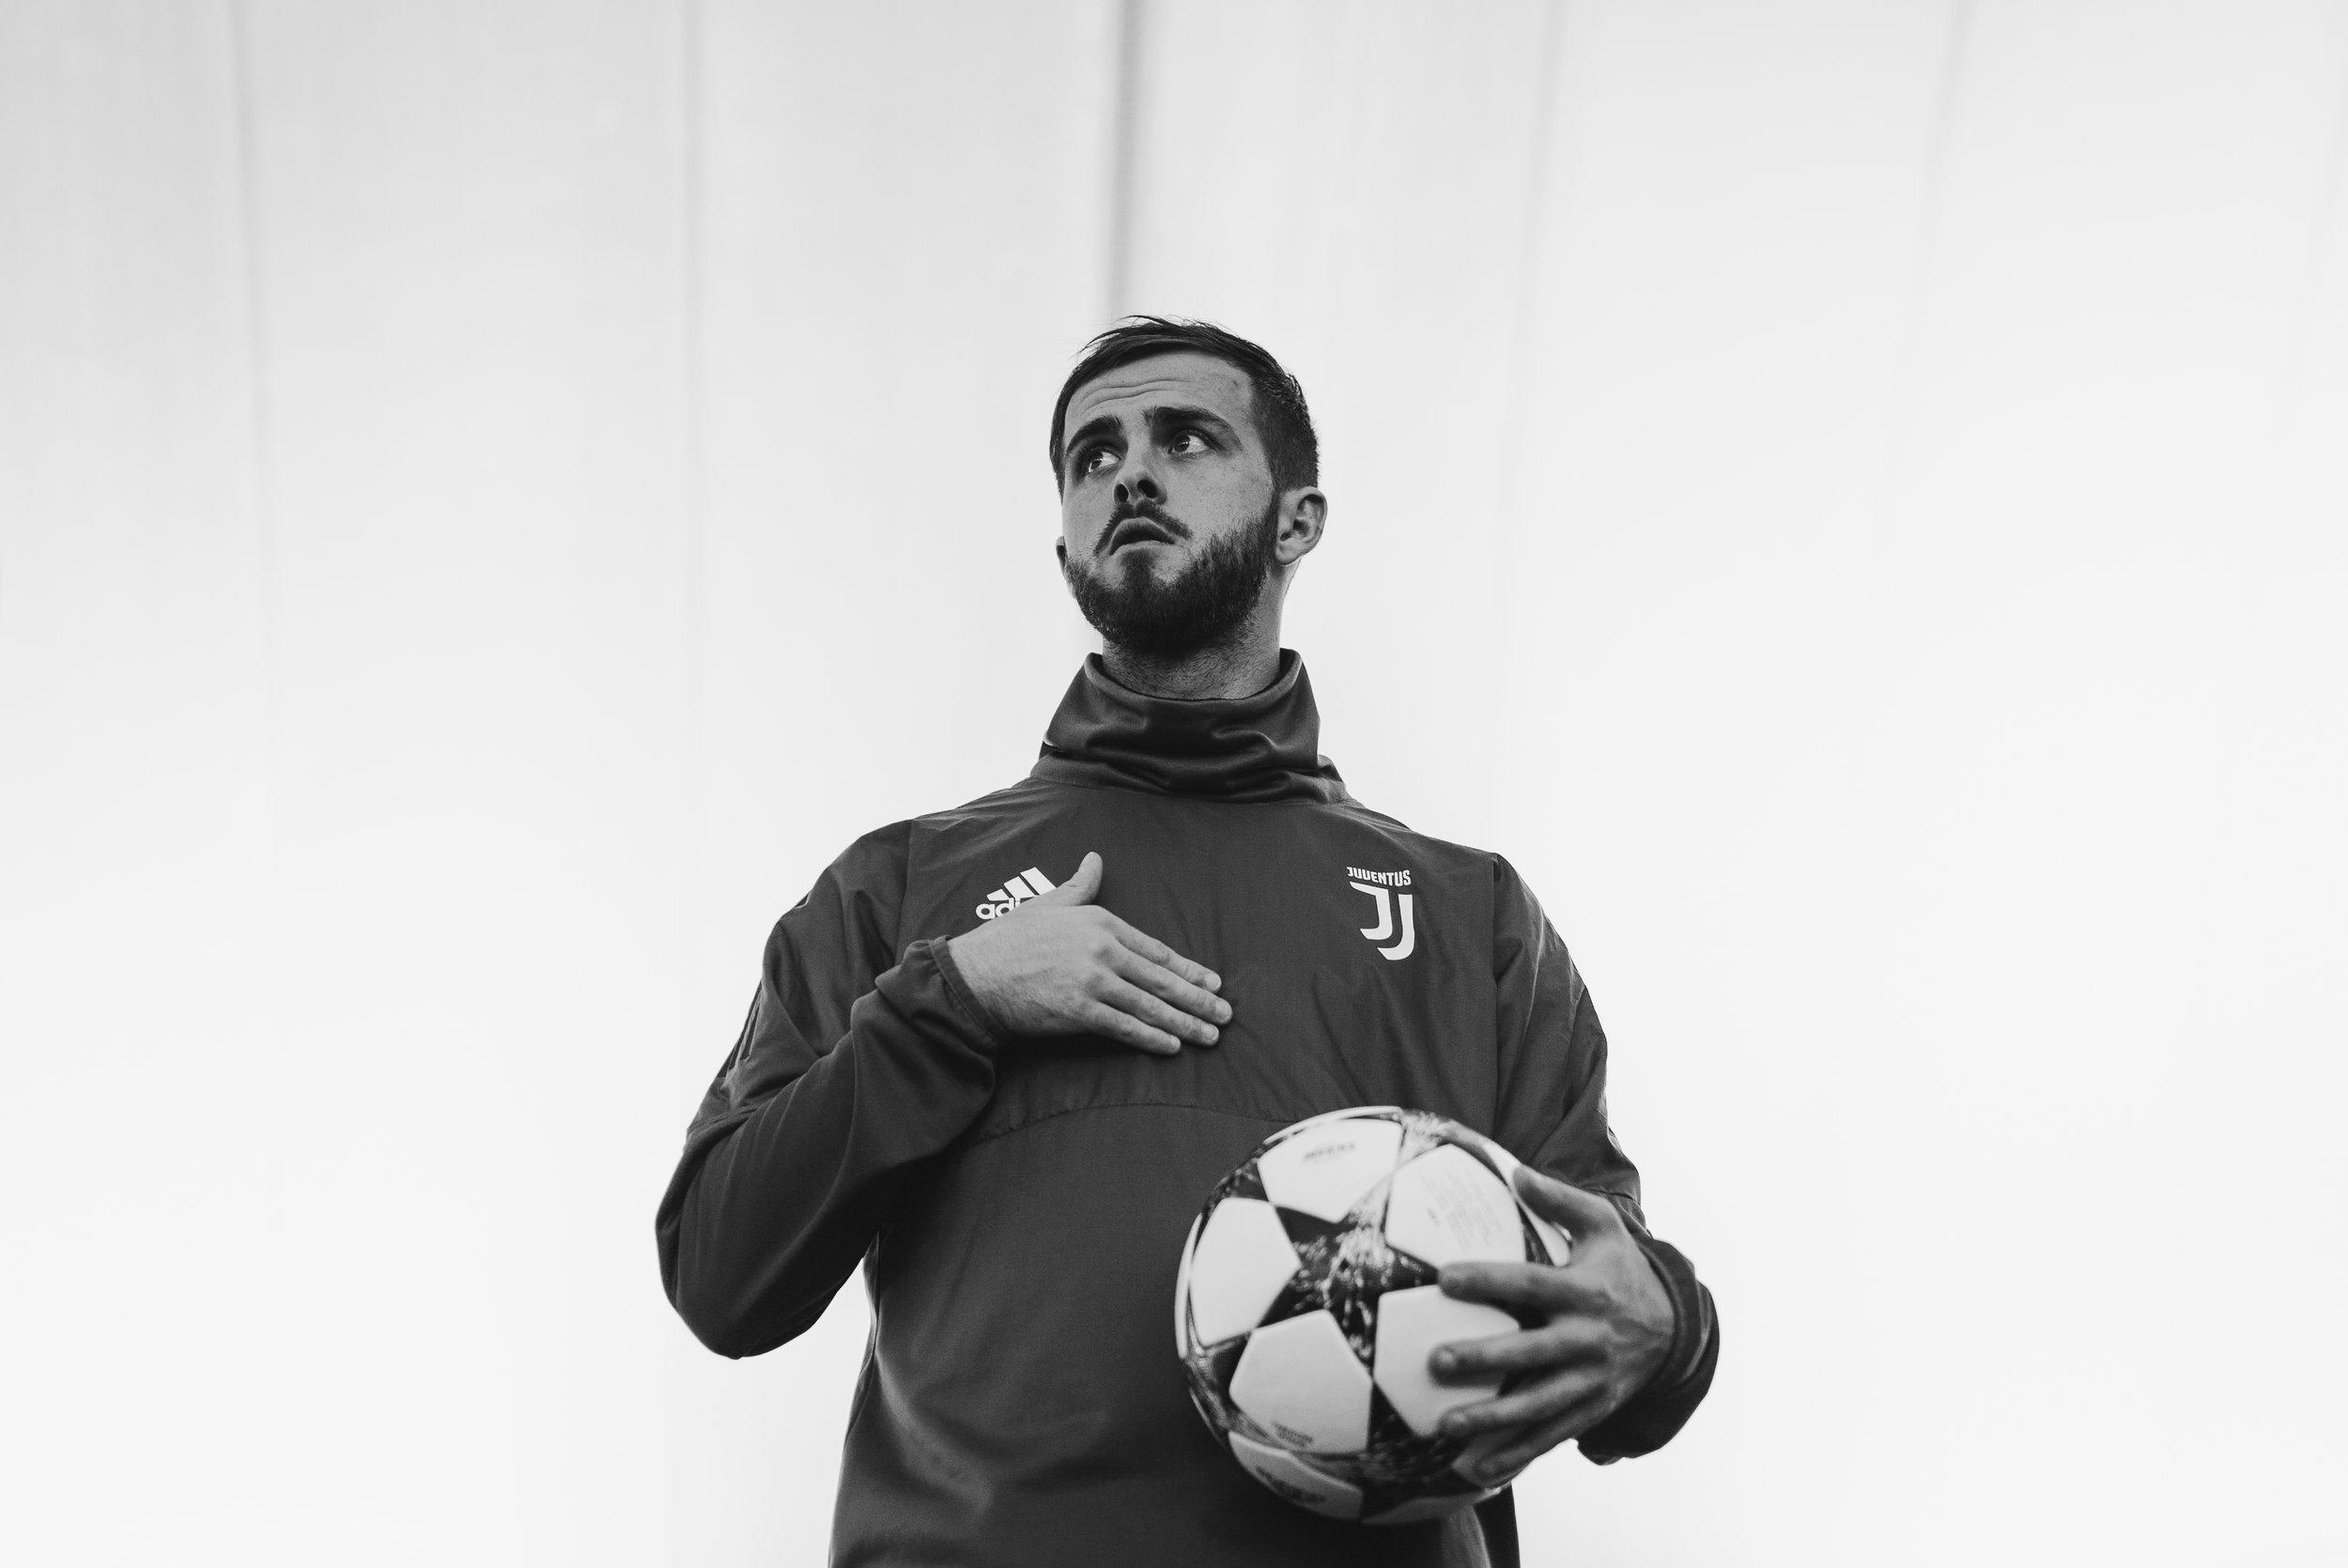 ADIDAS - EUROPEAN NIGHTS - x Juventus